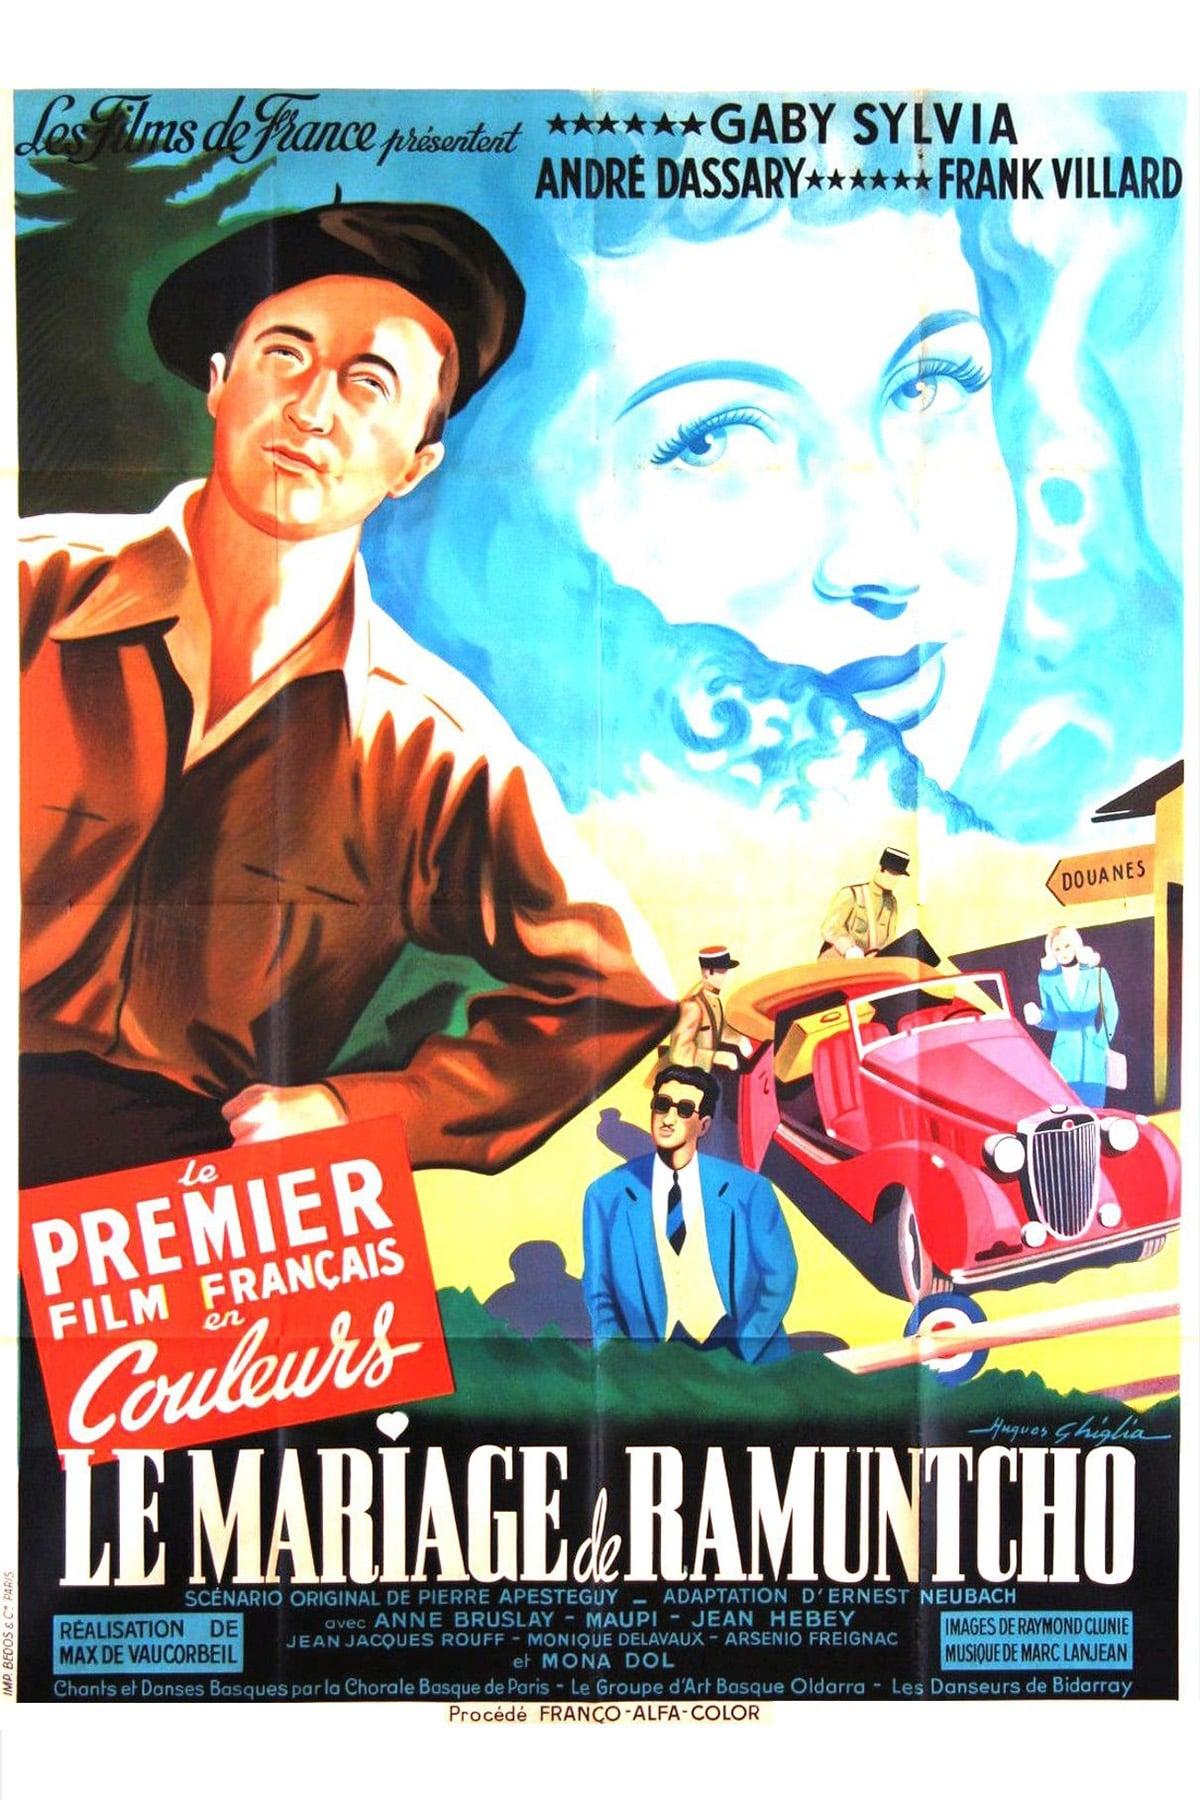 Le mariage de Ramuntcho (1947)